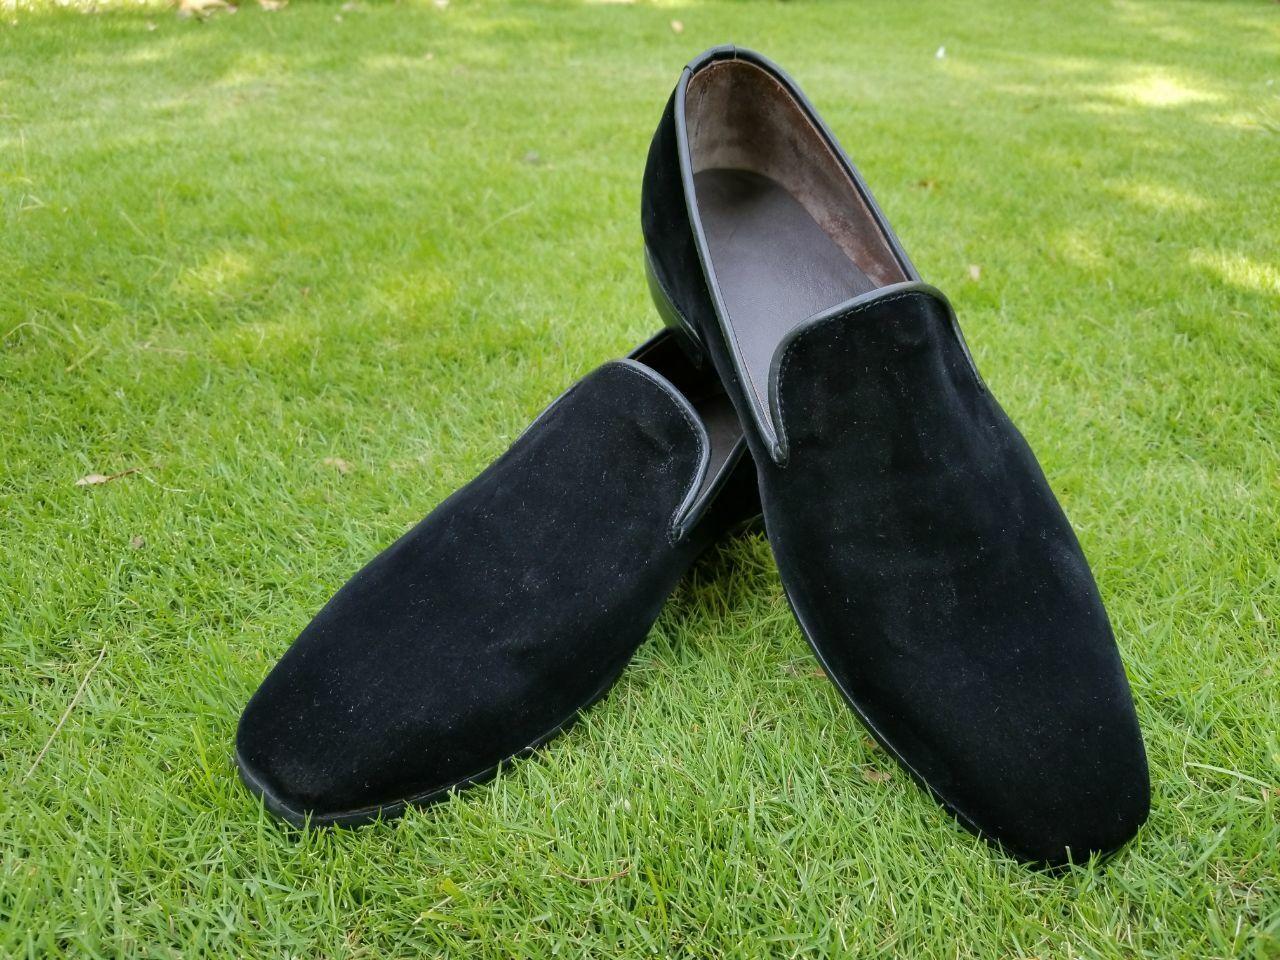 Men's Bespoke Handmade Black Velvet Slip-On Moccasin Casual   Formal Wear shoes